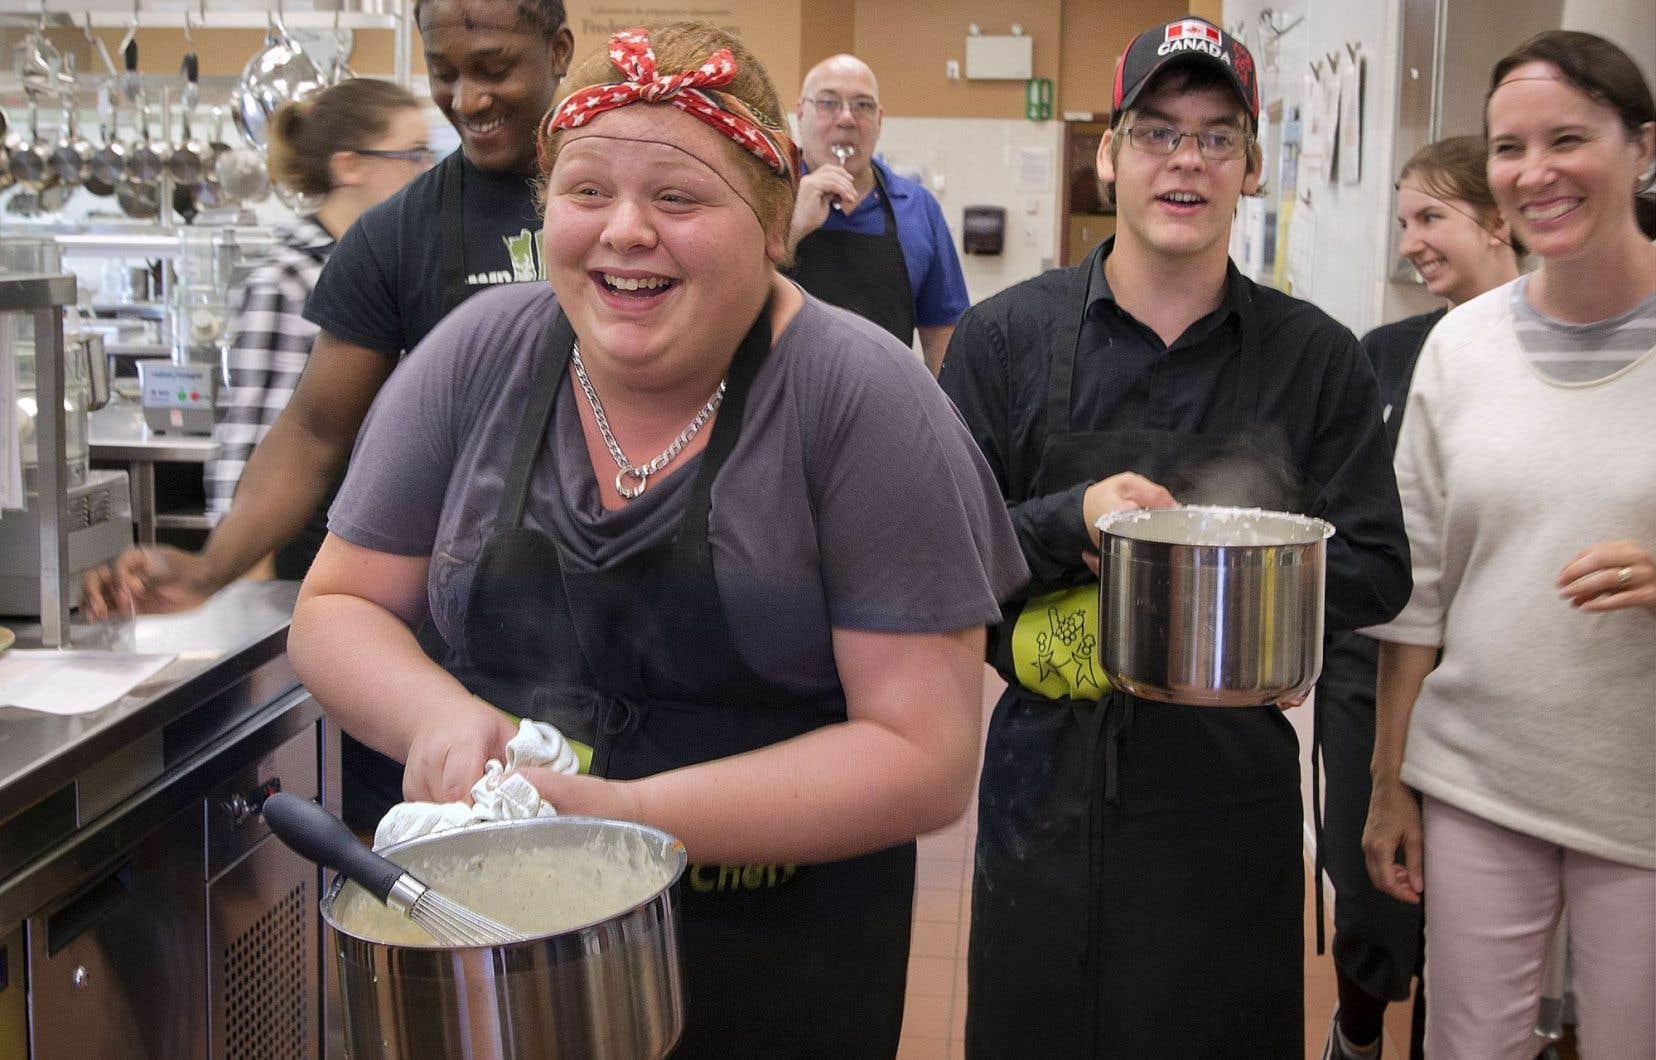 Myriam rêve d'avoir son propre restaurant. Elle fait ses premières armes sur une béchamel — plutôt épicée — au cours d'un «bootcamp» visant à offrir une formation en cuisine adaptée pour les jeunes qui sortent des centres jeunesse.